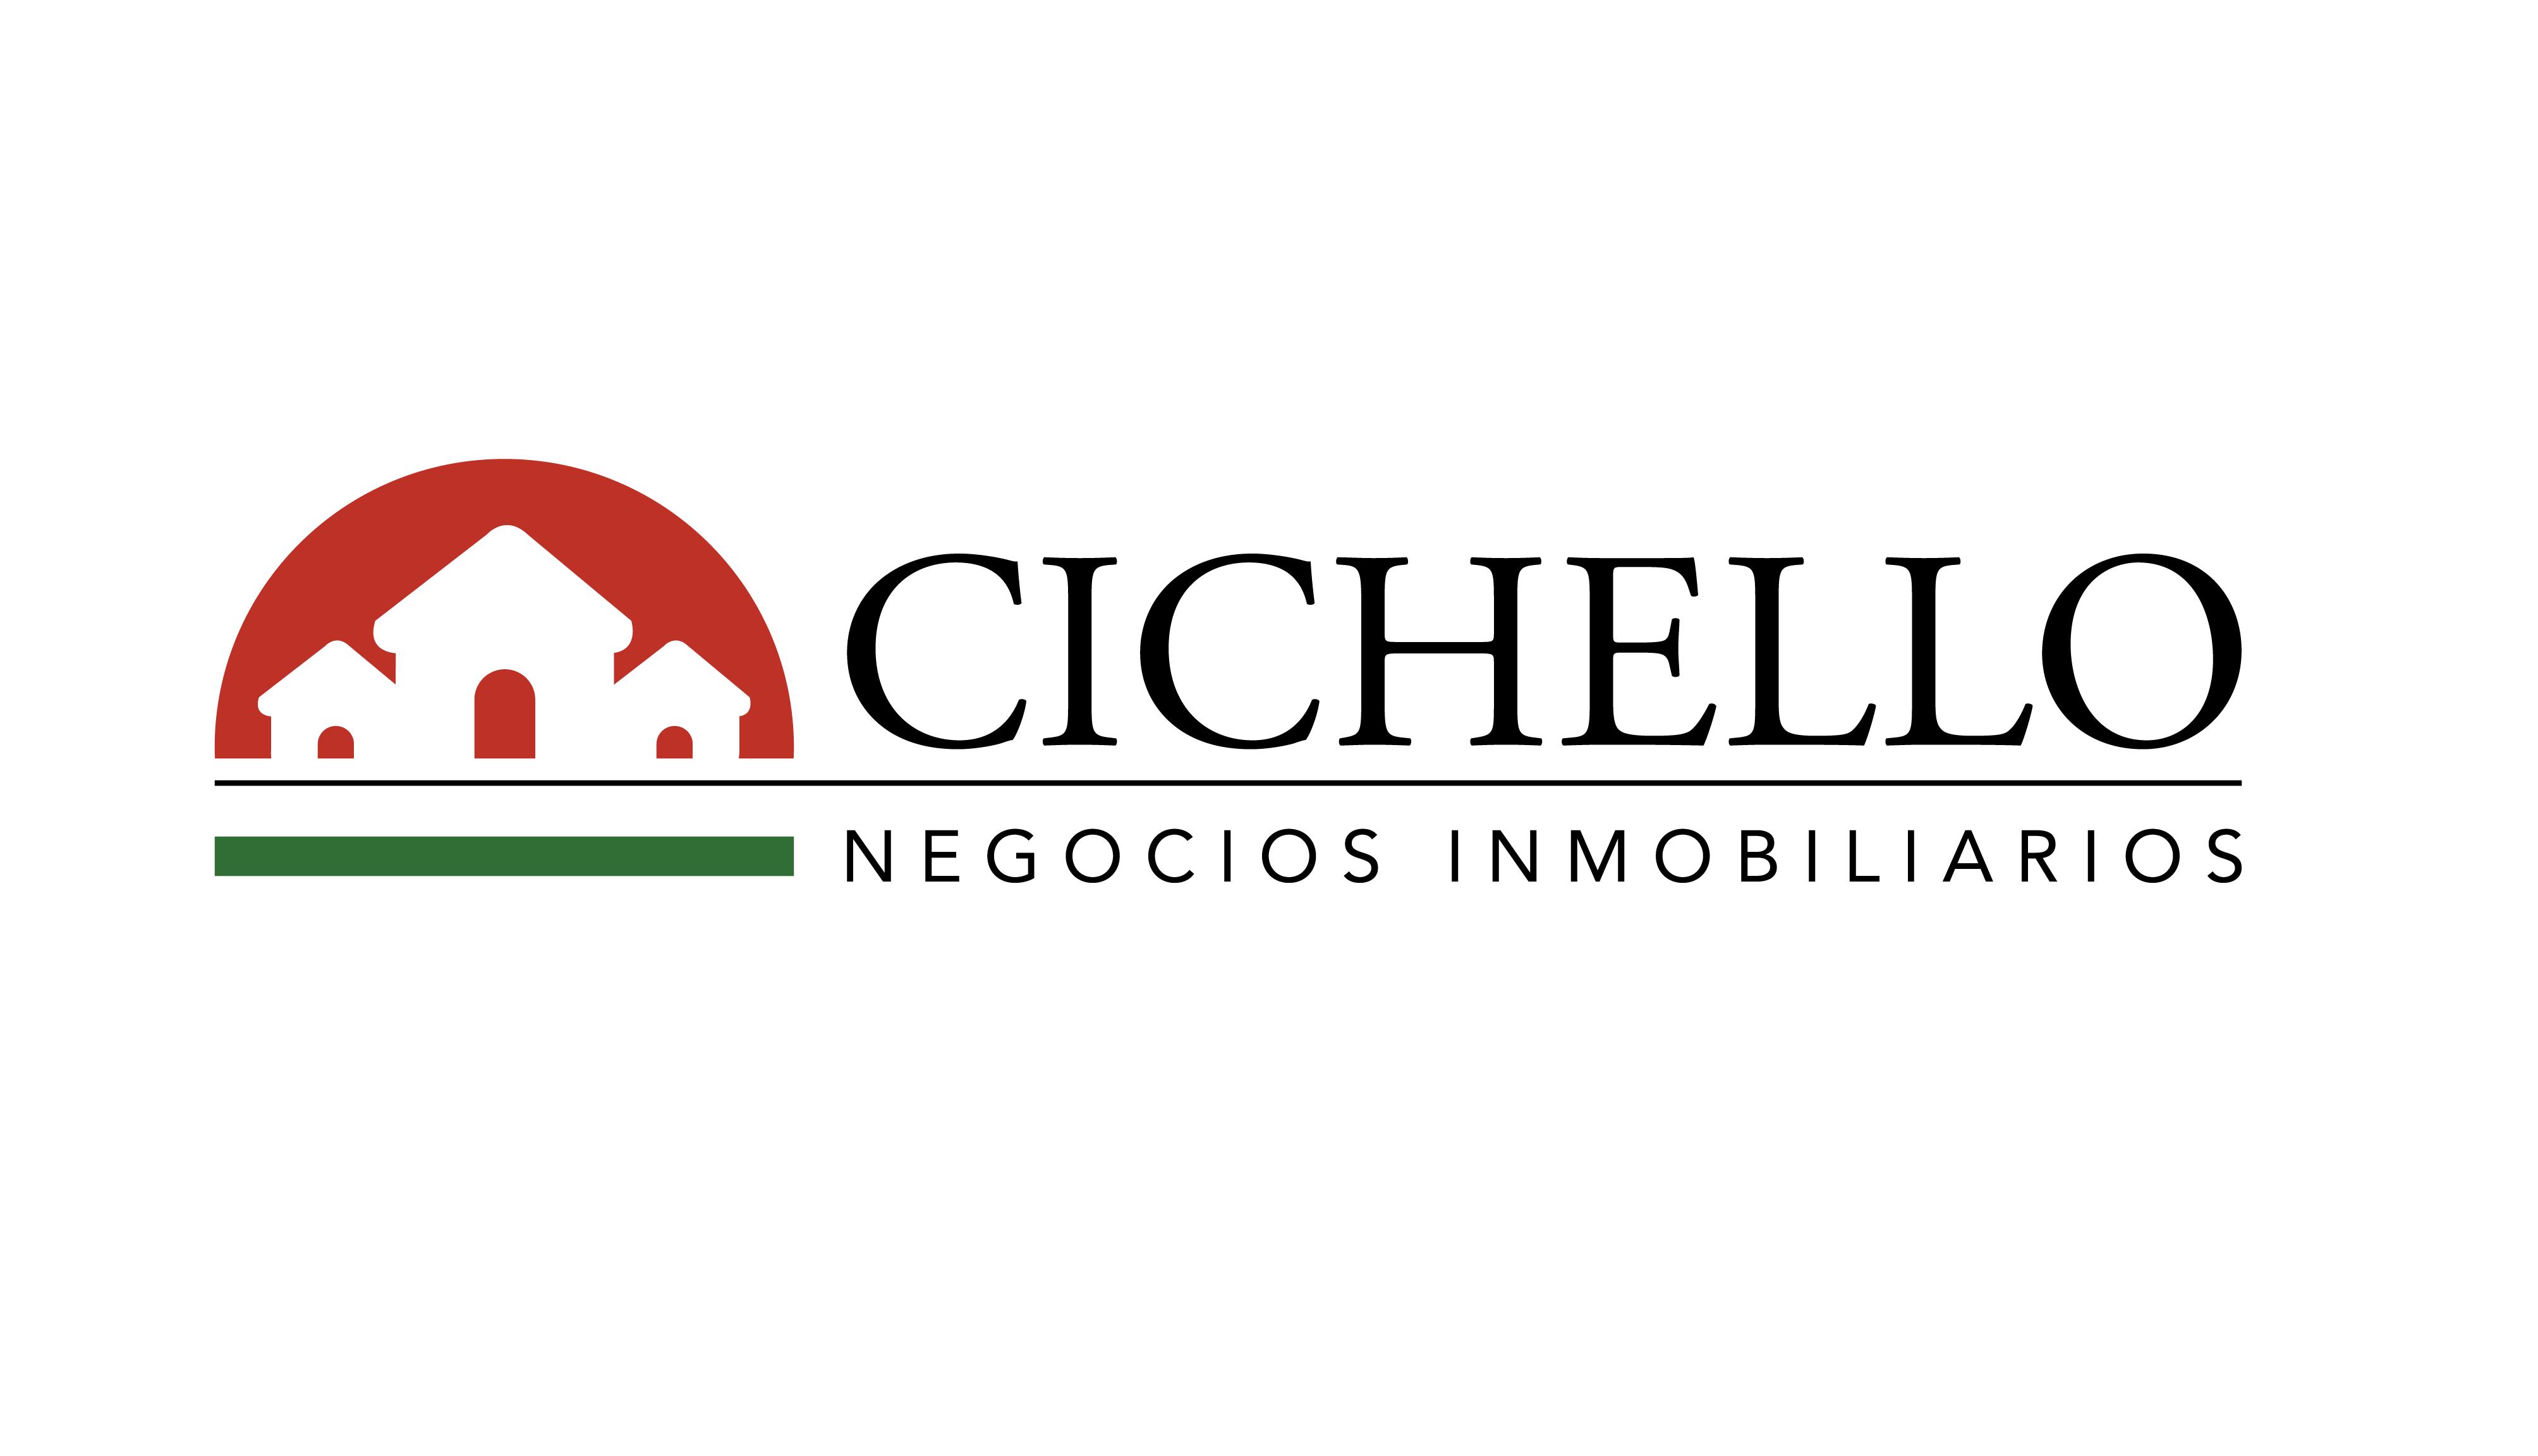 Logo de  Cichello Negocios Inmobiliarios